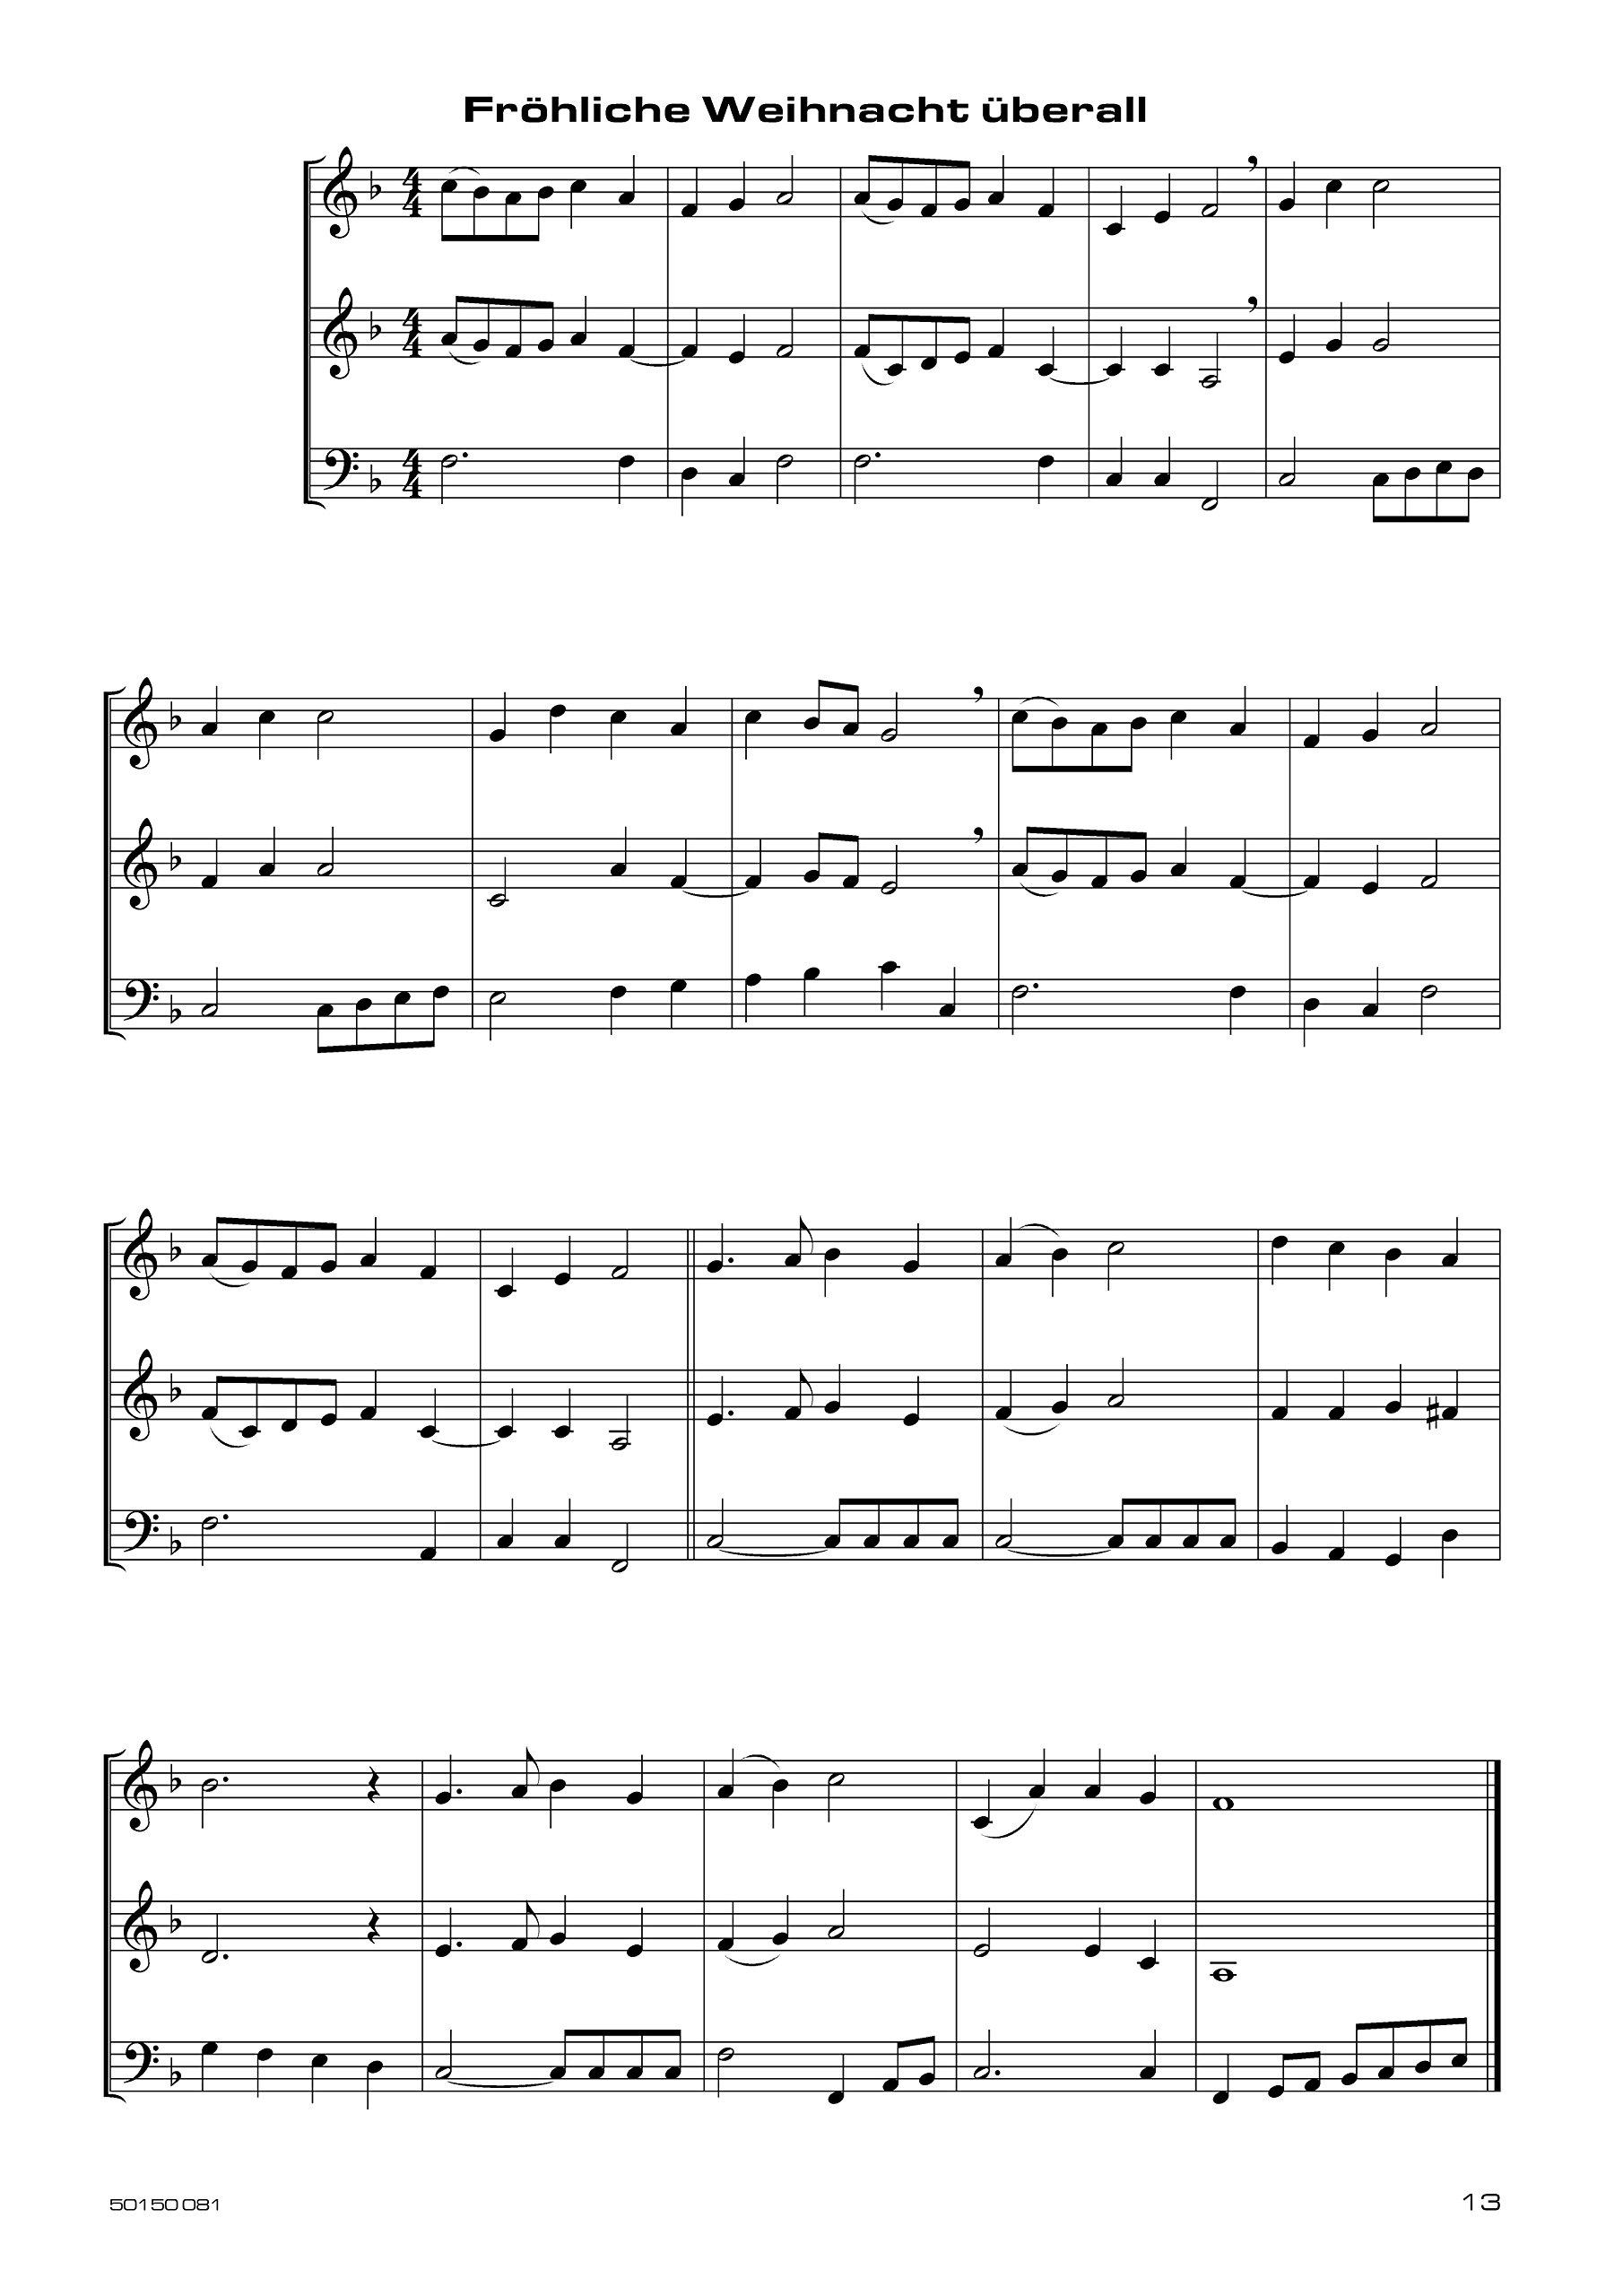 3 Stimmige Weihnachtslieder.Das Weihnachtsliederbuch Set 2 Spielbücher Mit 94 Weihnachtsliedern